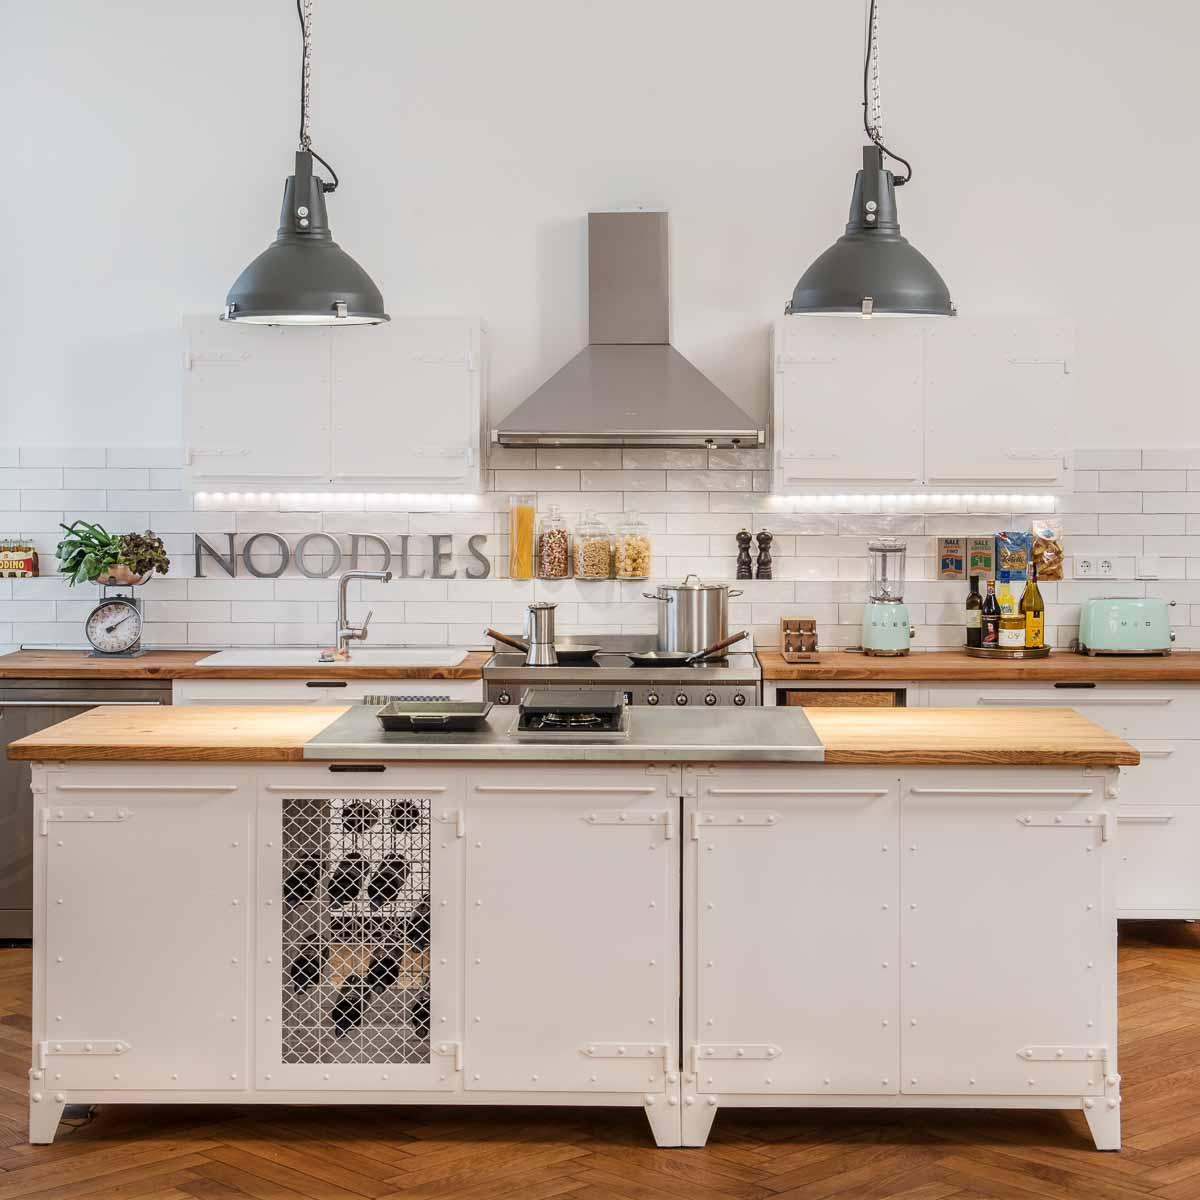 Authentic Kitchen by Noodles & Noodles